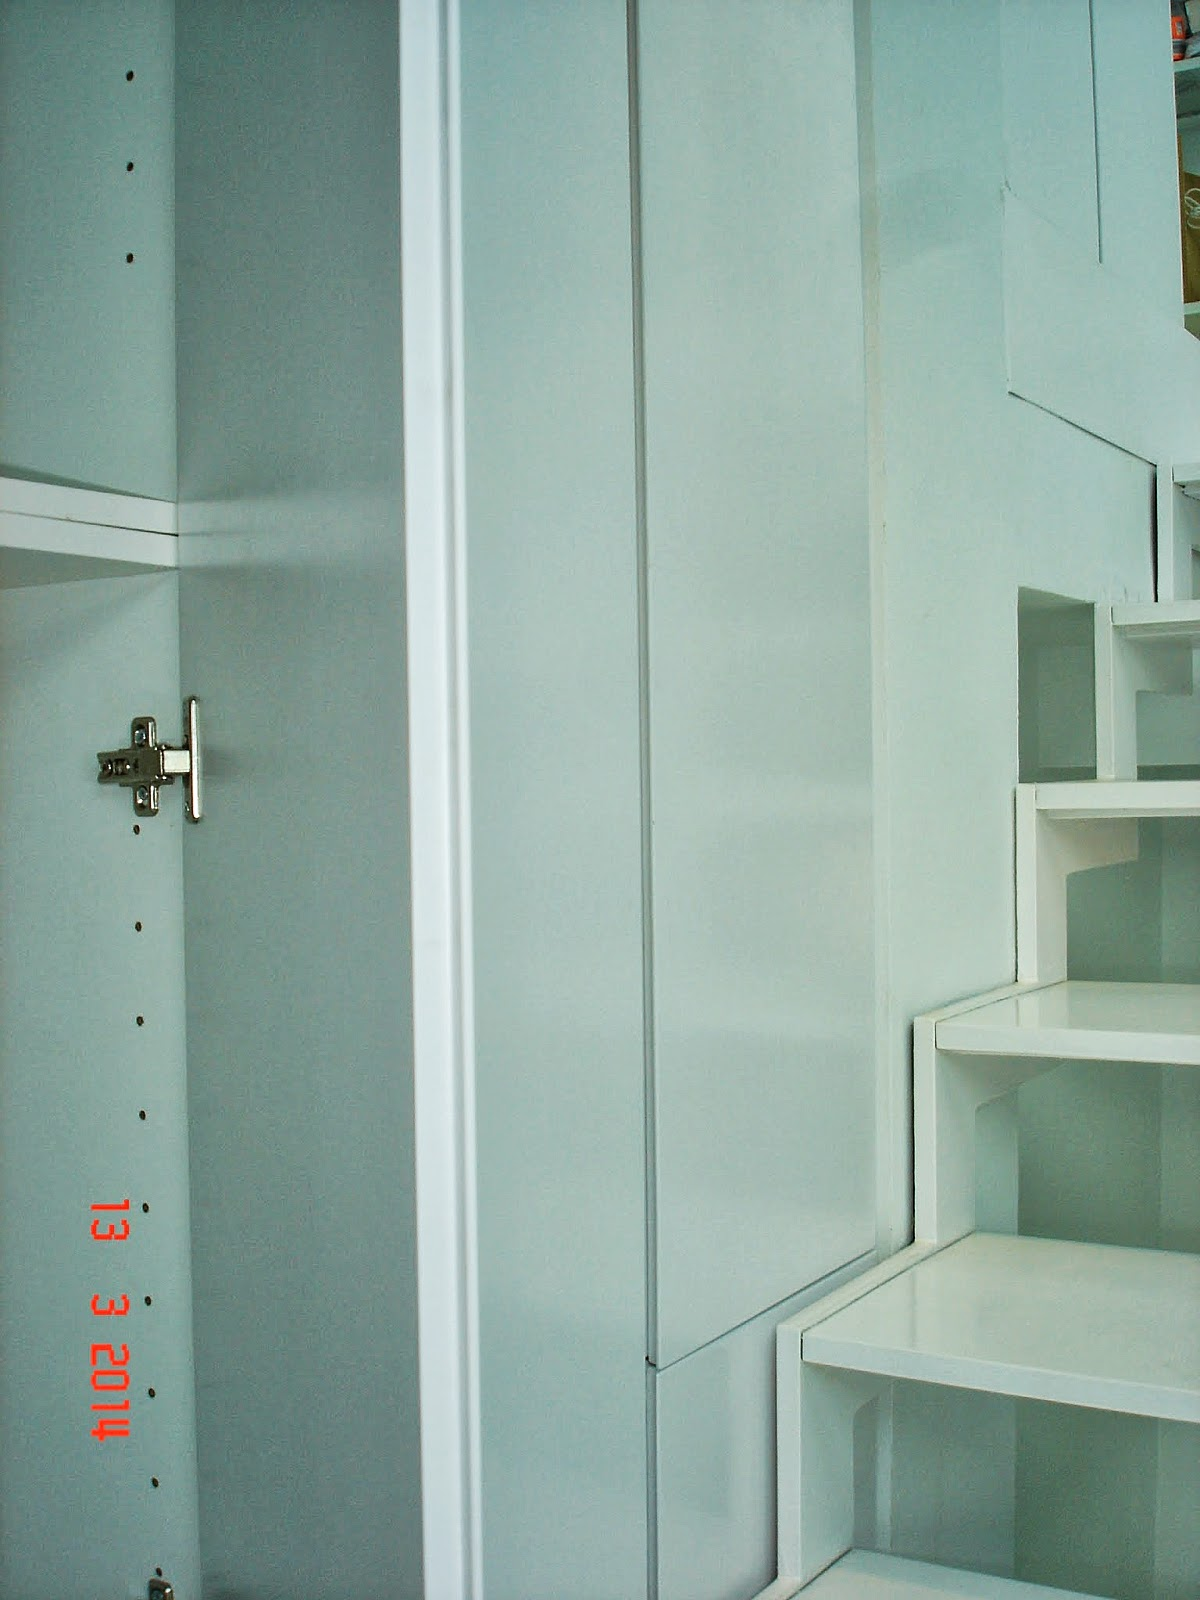 Carpinteria sevilla librer a con puertas lacadas - Librerias lacadas ...